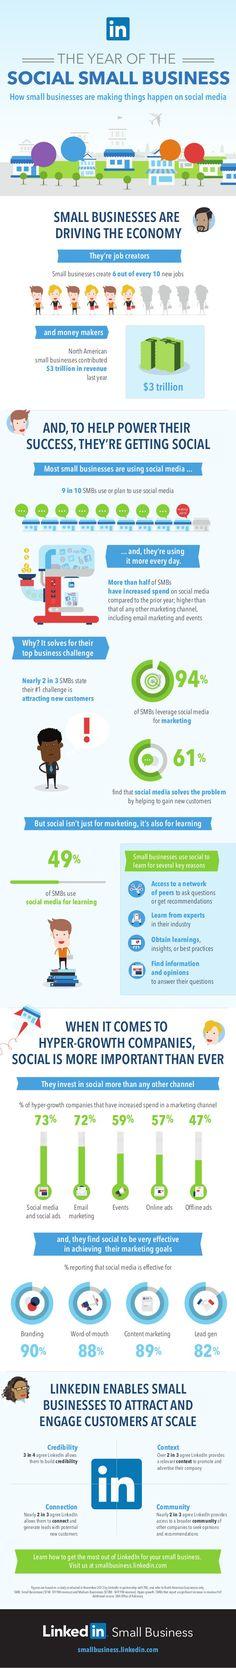 Cómo usan las pymes las Redes Sociales #infografia #infographic #socialmedia